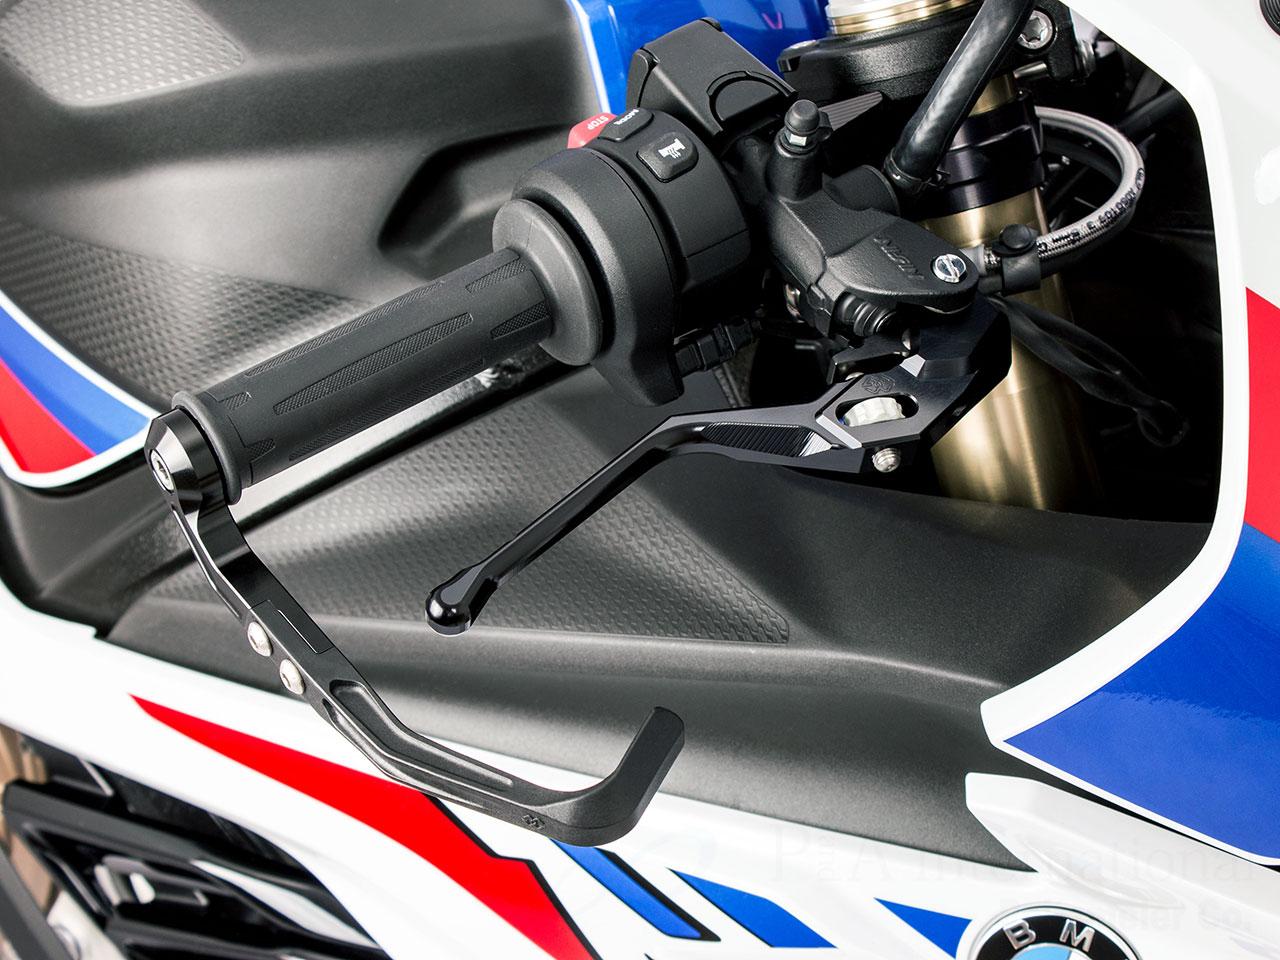 ギルズツーリング レバーガード ブレーキサイド for BMW